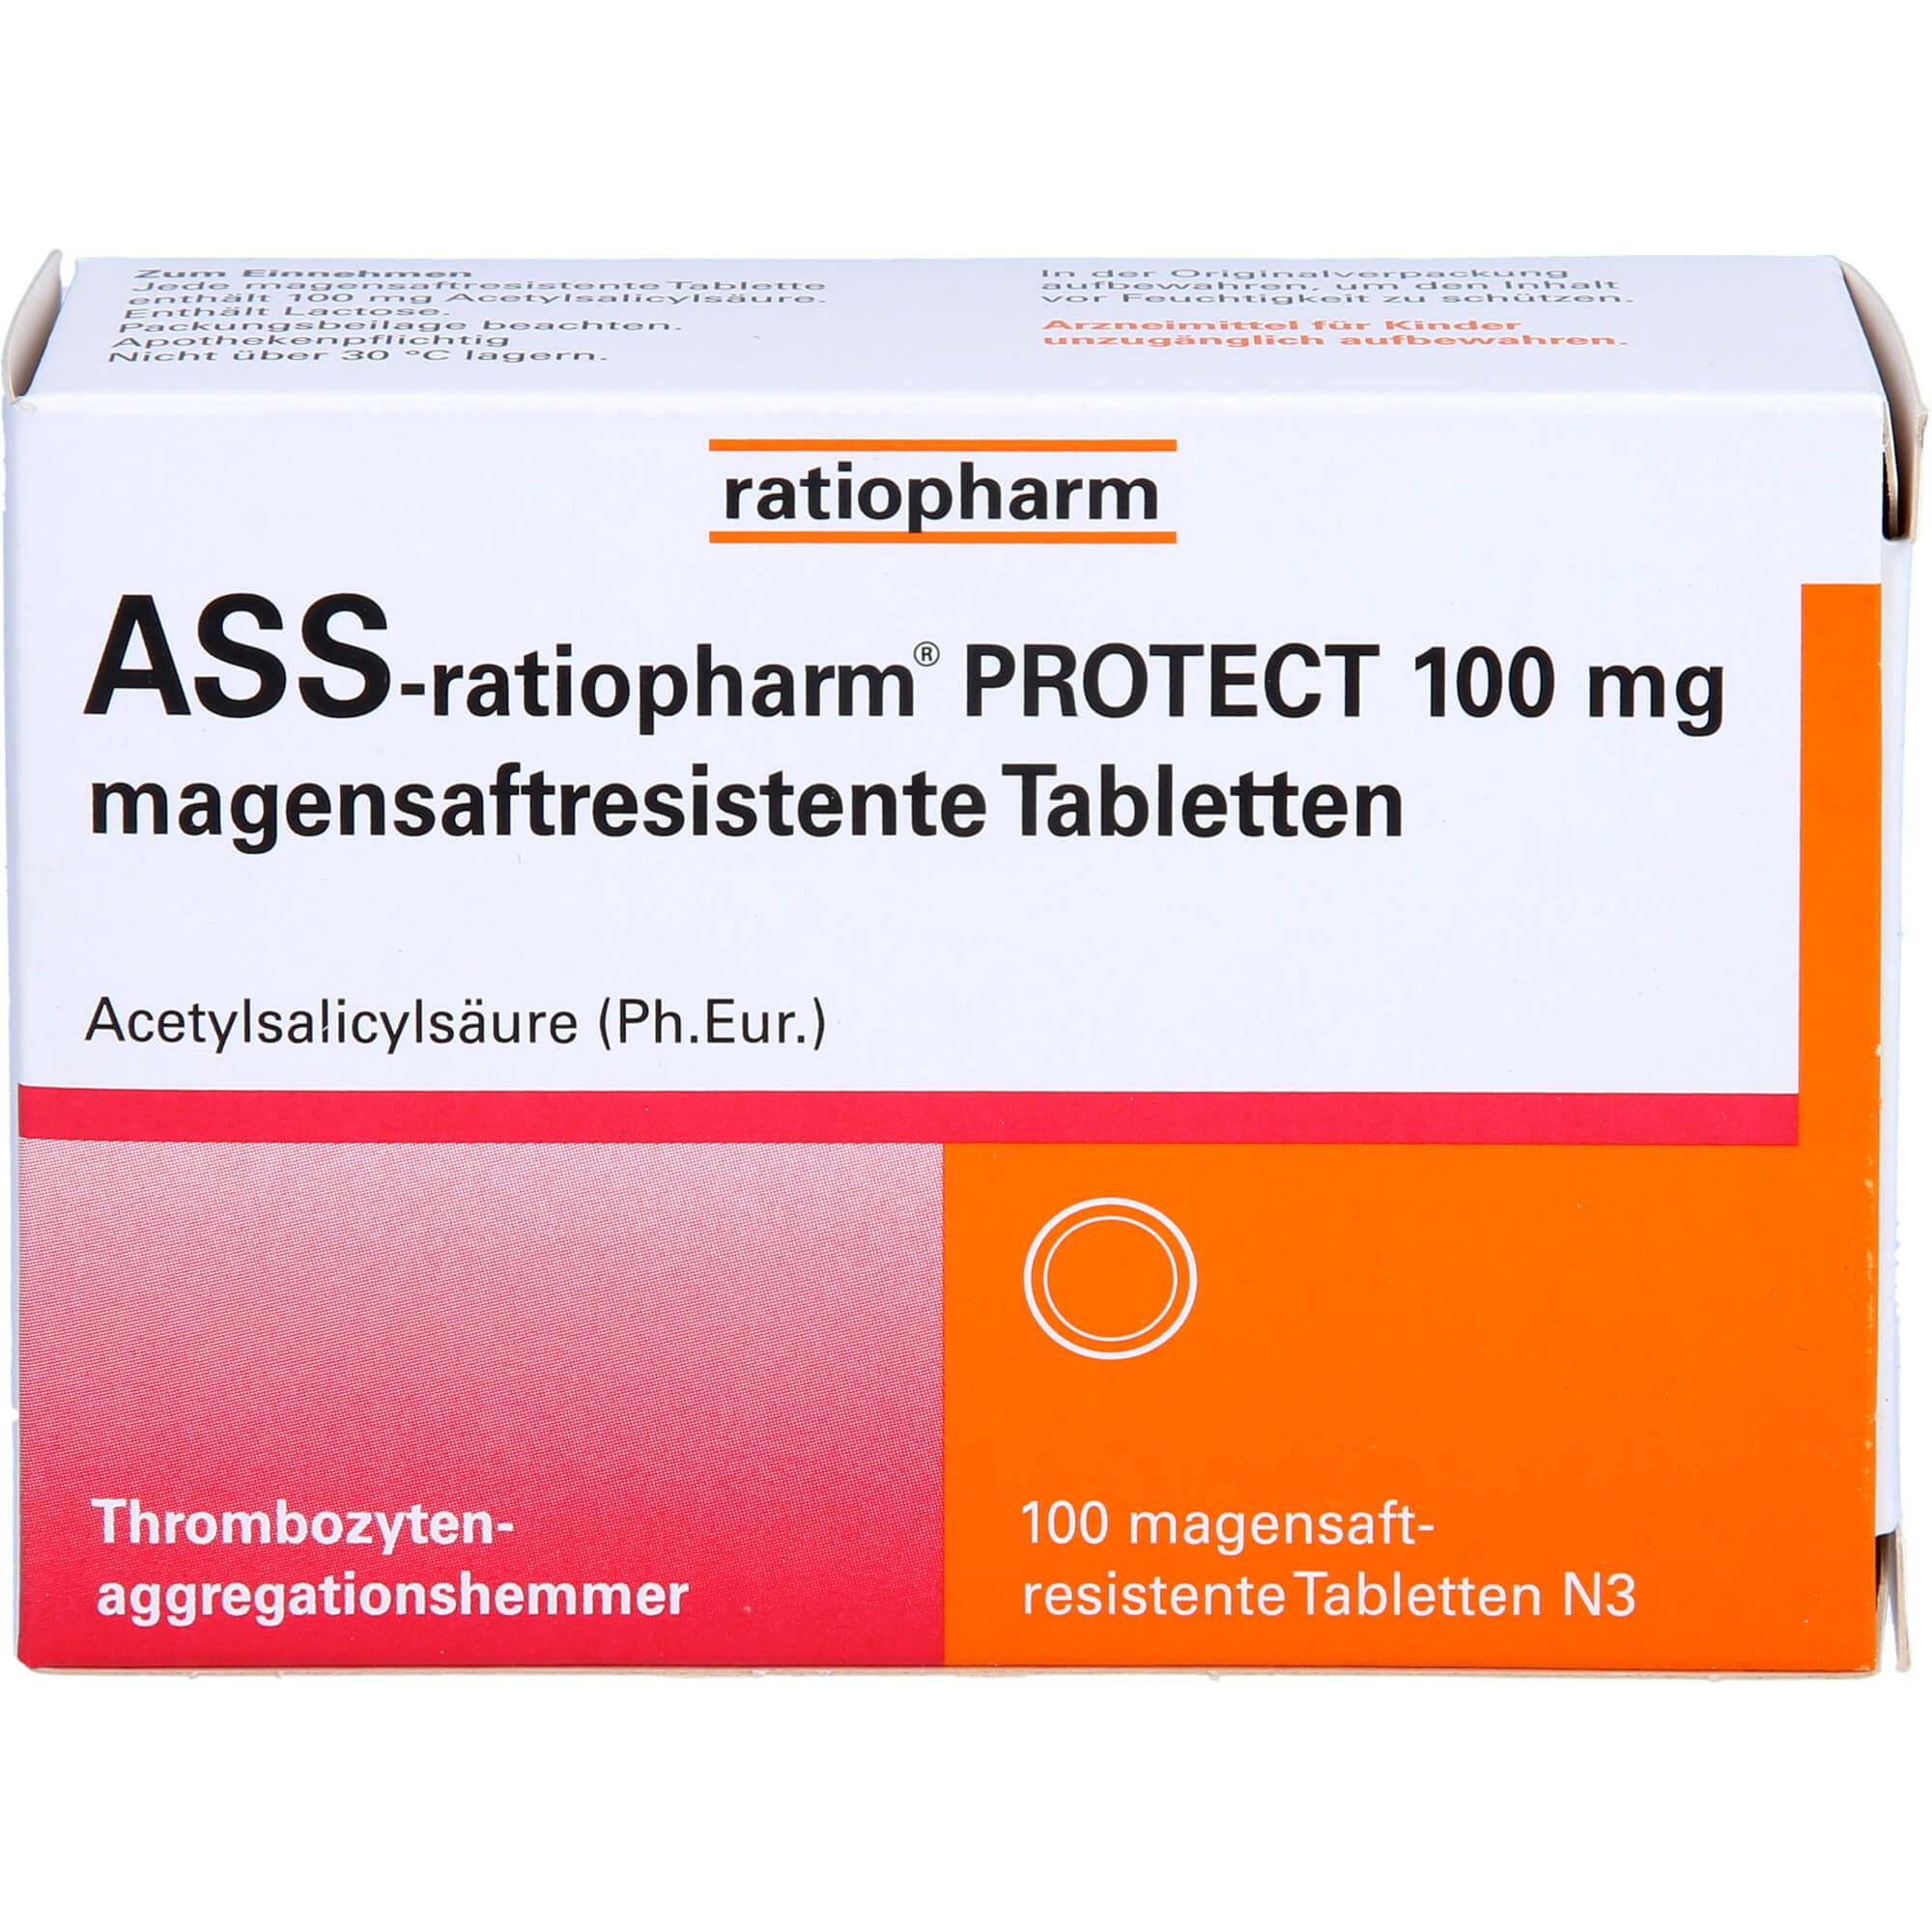 ASS-ratiopharm-PROTECT-100-mg-magensaftr-Tabletten